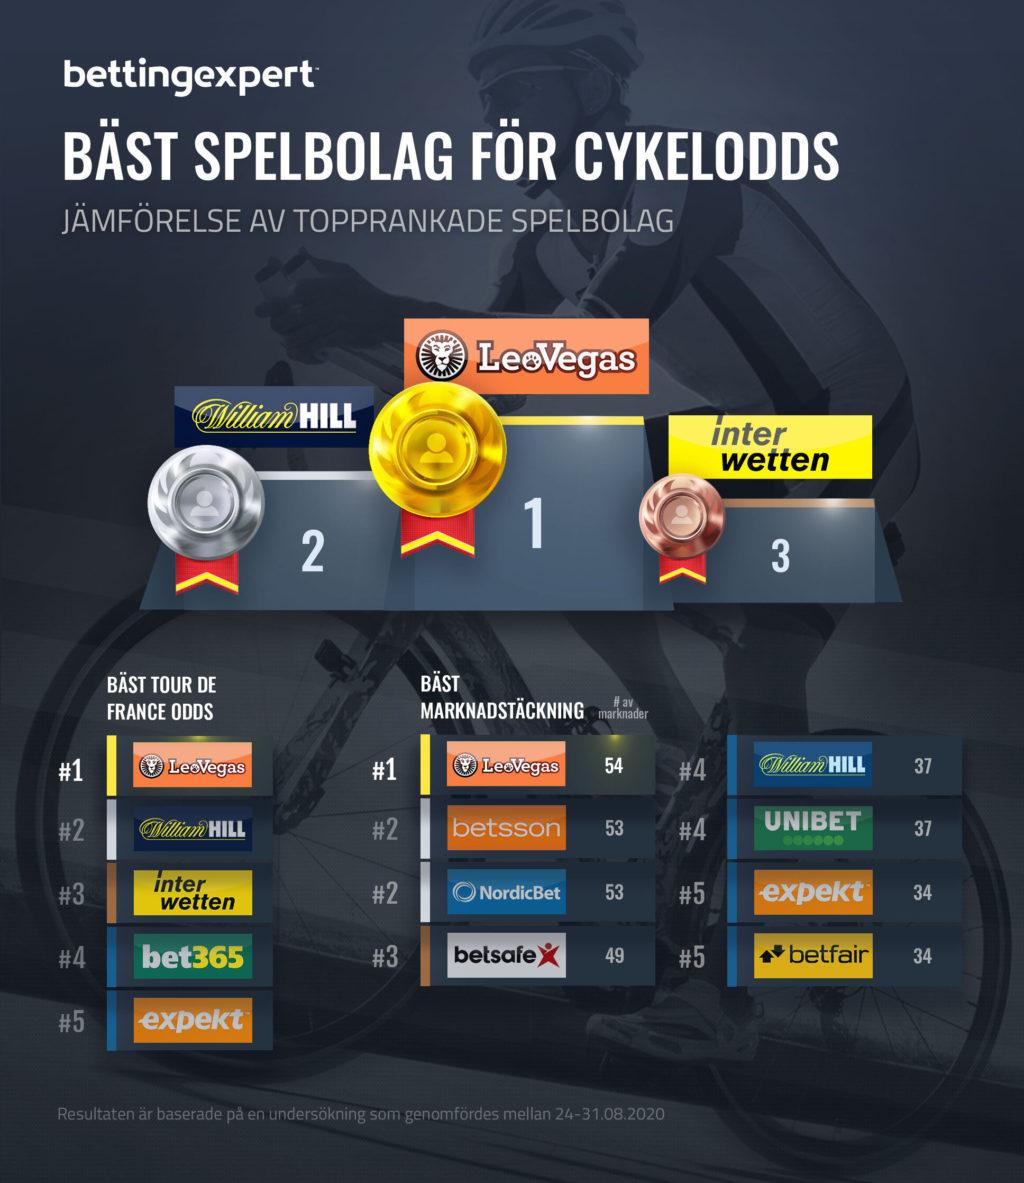 Bästa spelbolag för cykelodds